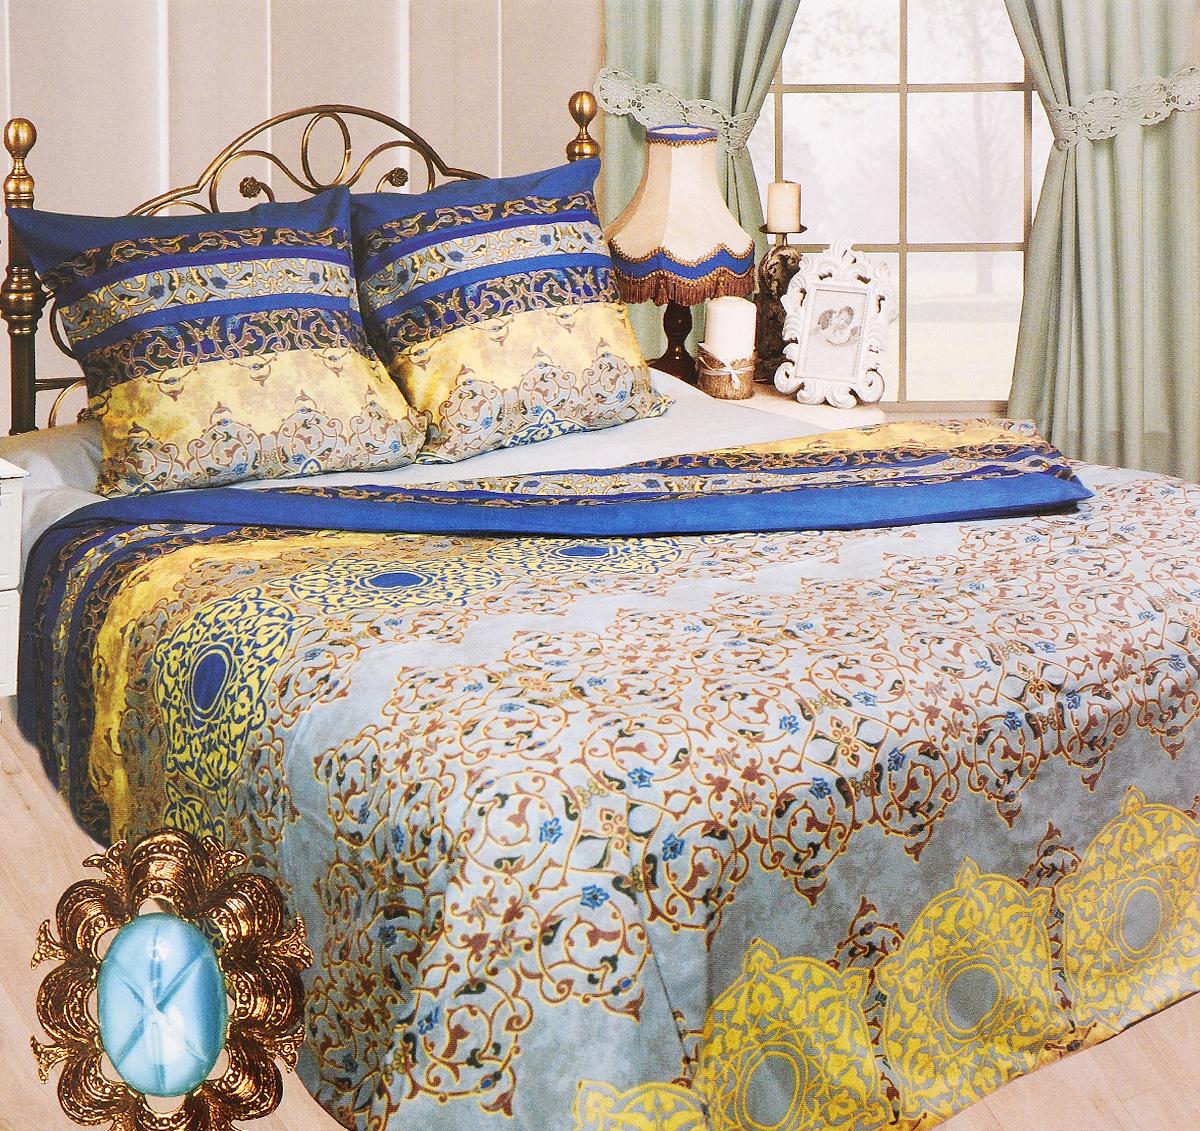 Комплект белья Sova & Javoronok Марракеш, евро, наволочки 70х70, цвет: голубой, синий, бежевый2030115098Комплект постельного белья Sova & Javoronok Марракеш является экологически безопасным для всей семьи, так как выполнен из бязи (100% натурального хлопка). Комплект состоит из пододеяльника, простыни и двух наволочек. Предметы комплекта оформлены изящным узором.Бязь - хлопчатобумажная ткань полотняного переплетения без искусственных добавок. Большое количество нитей делает эту ткань более плотной, более долговечной. Высокая плотность ткани позволяет сохранить форму изделия, его первоначальные размеры и первозданный рисунок. Легко стирается и хорошо гладится.